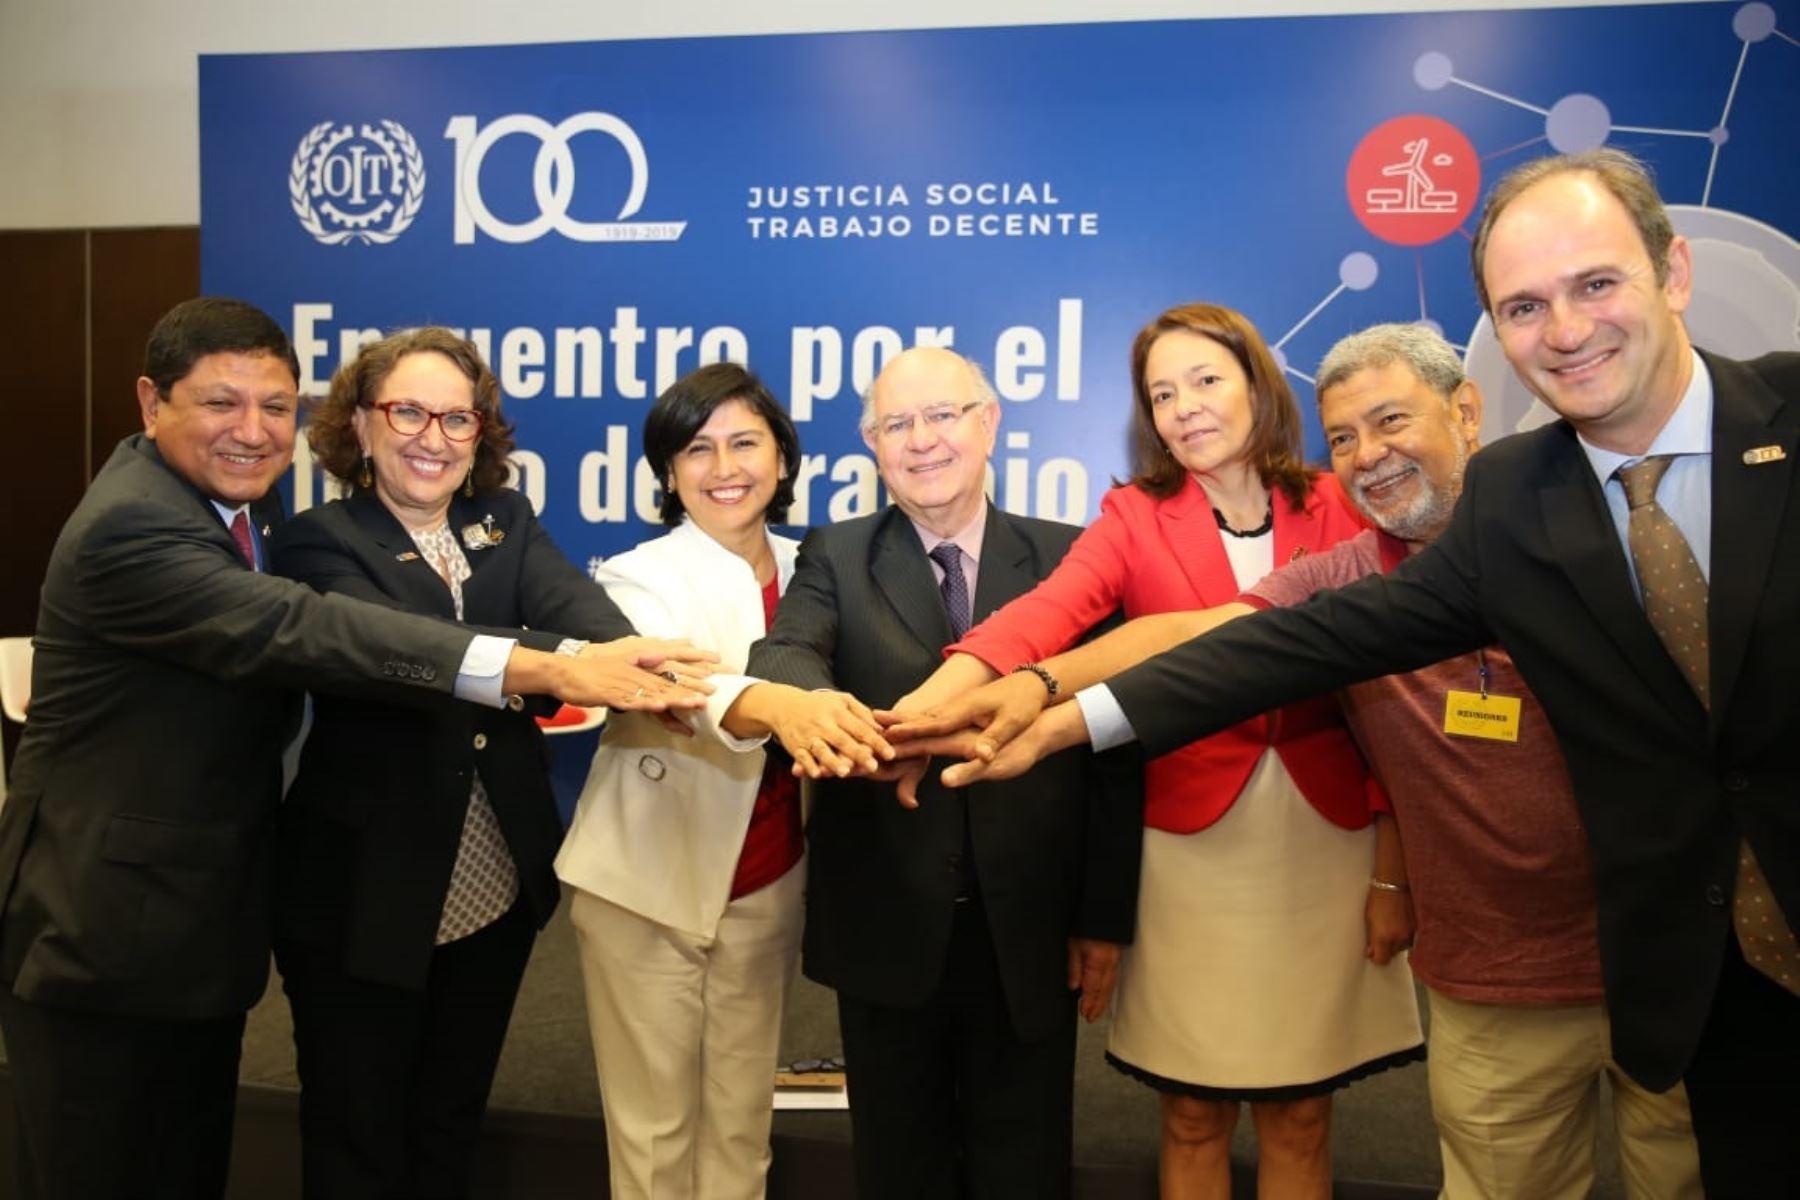 Ministra de Trabajo y Promoción del Empleo, Sylvia Cáceres, participó en evento de la OIT. Foto: Cortesía.